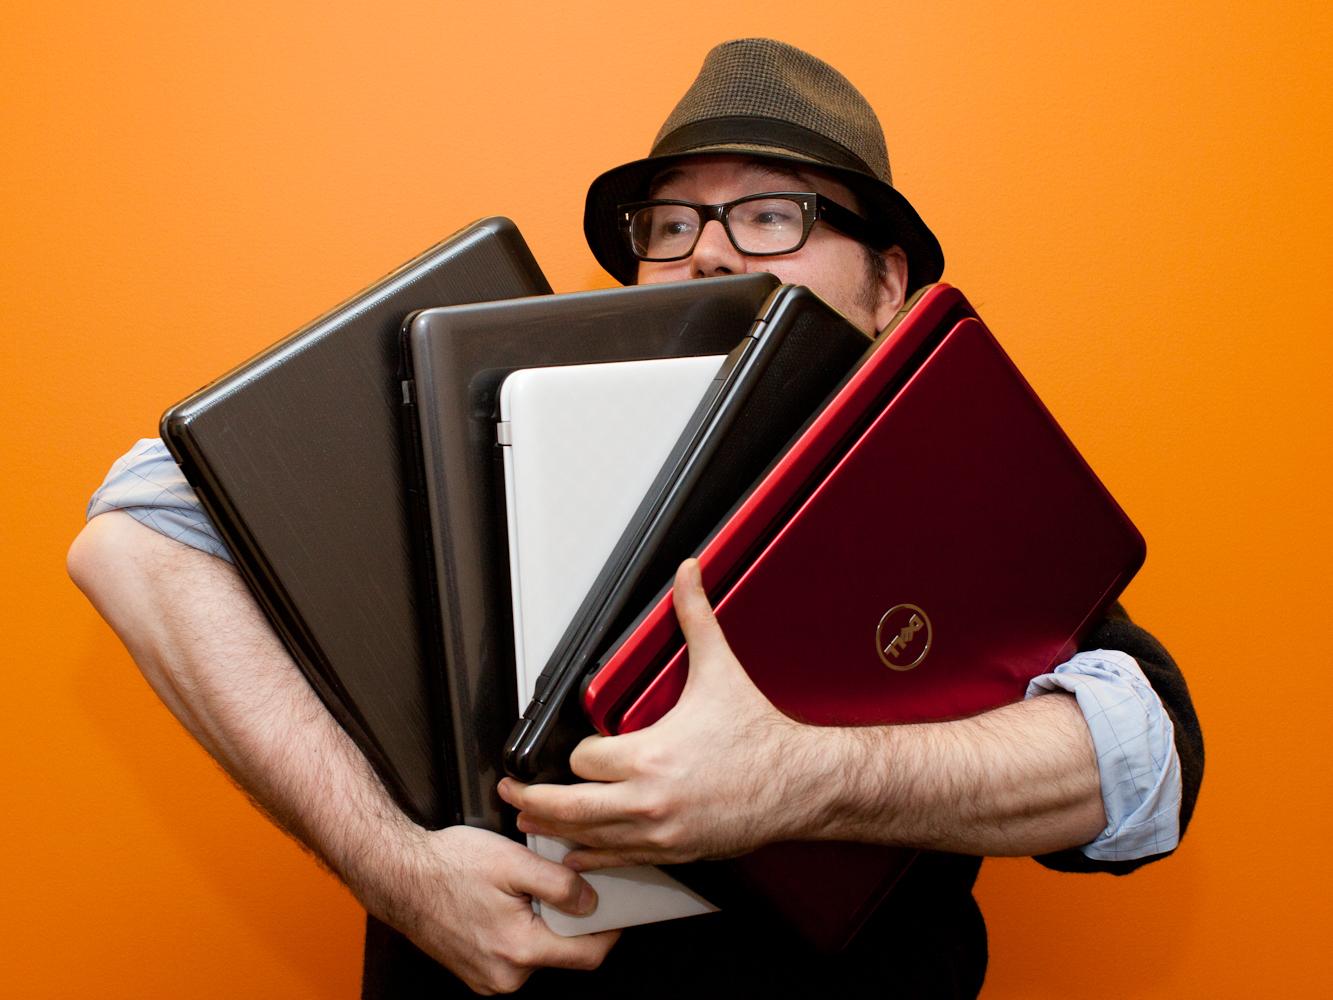 Рекомендации о том, как выбрать ноутбук для игр самостоятельно